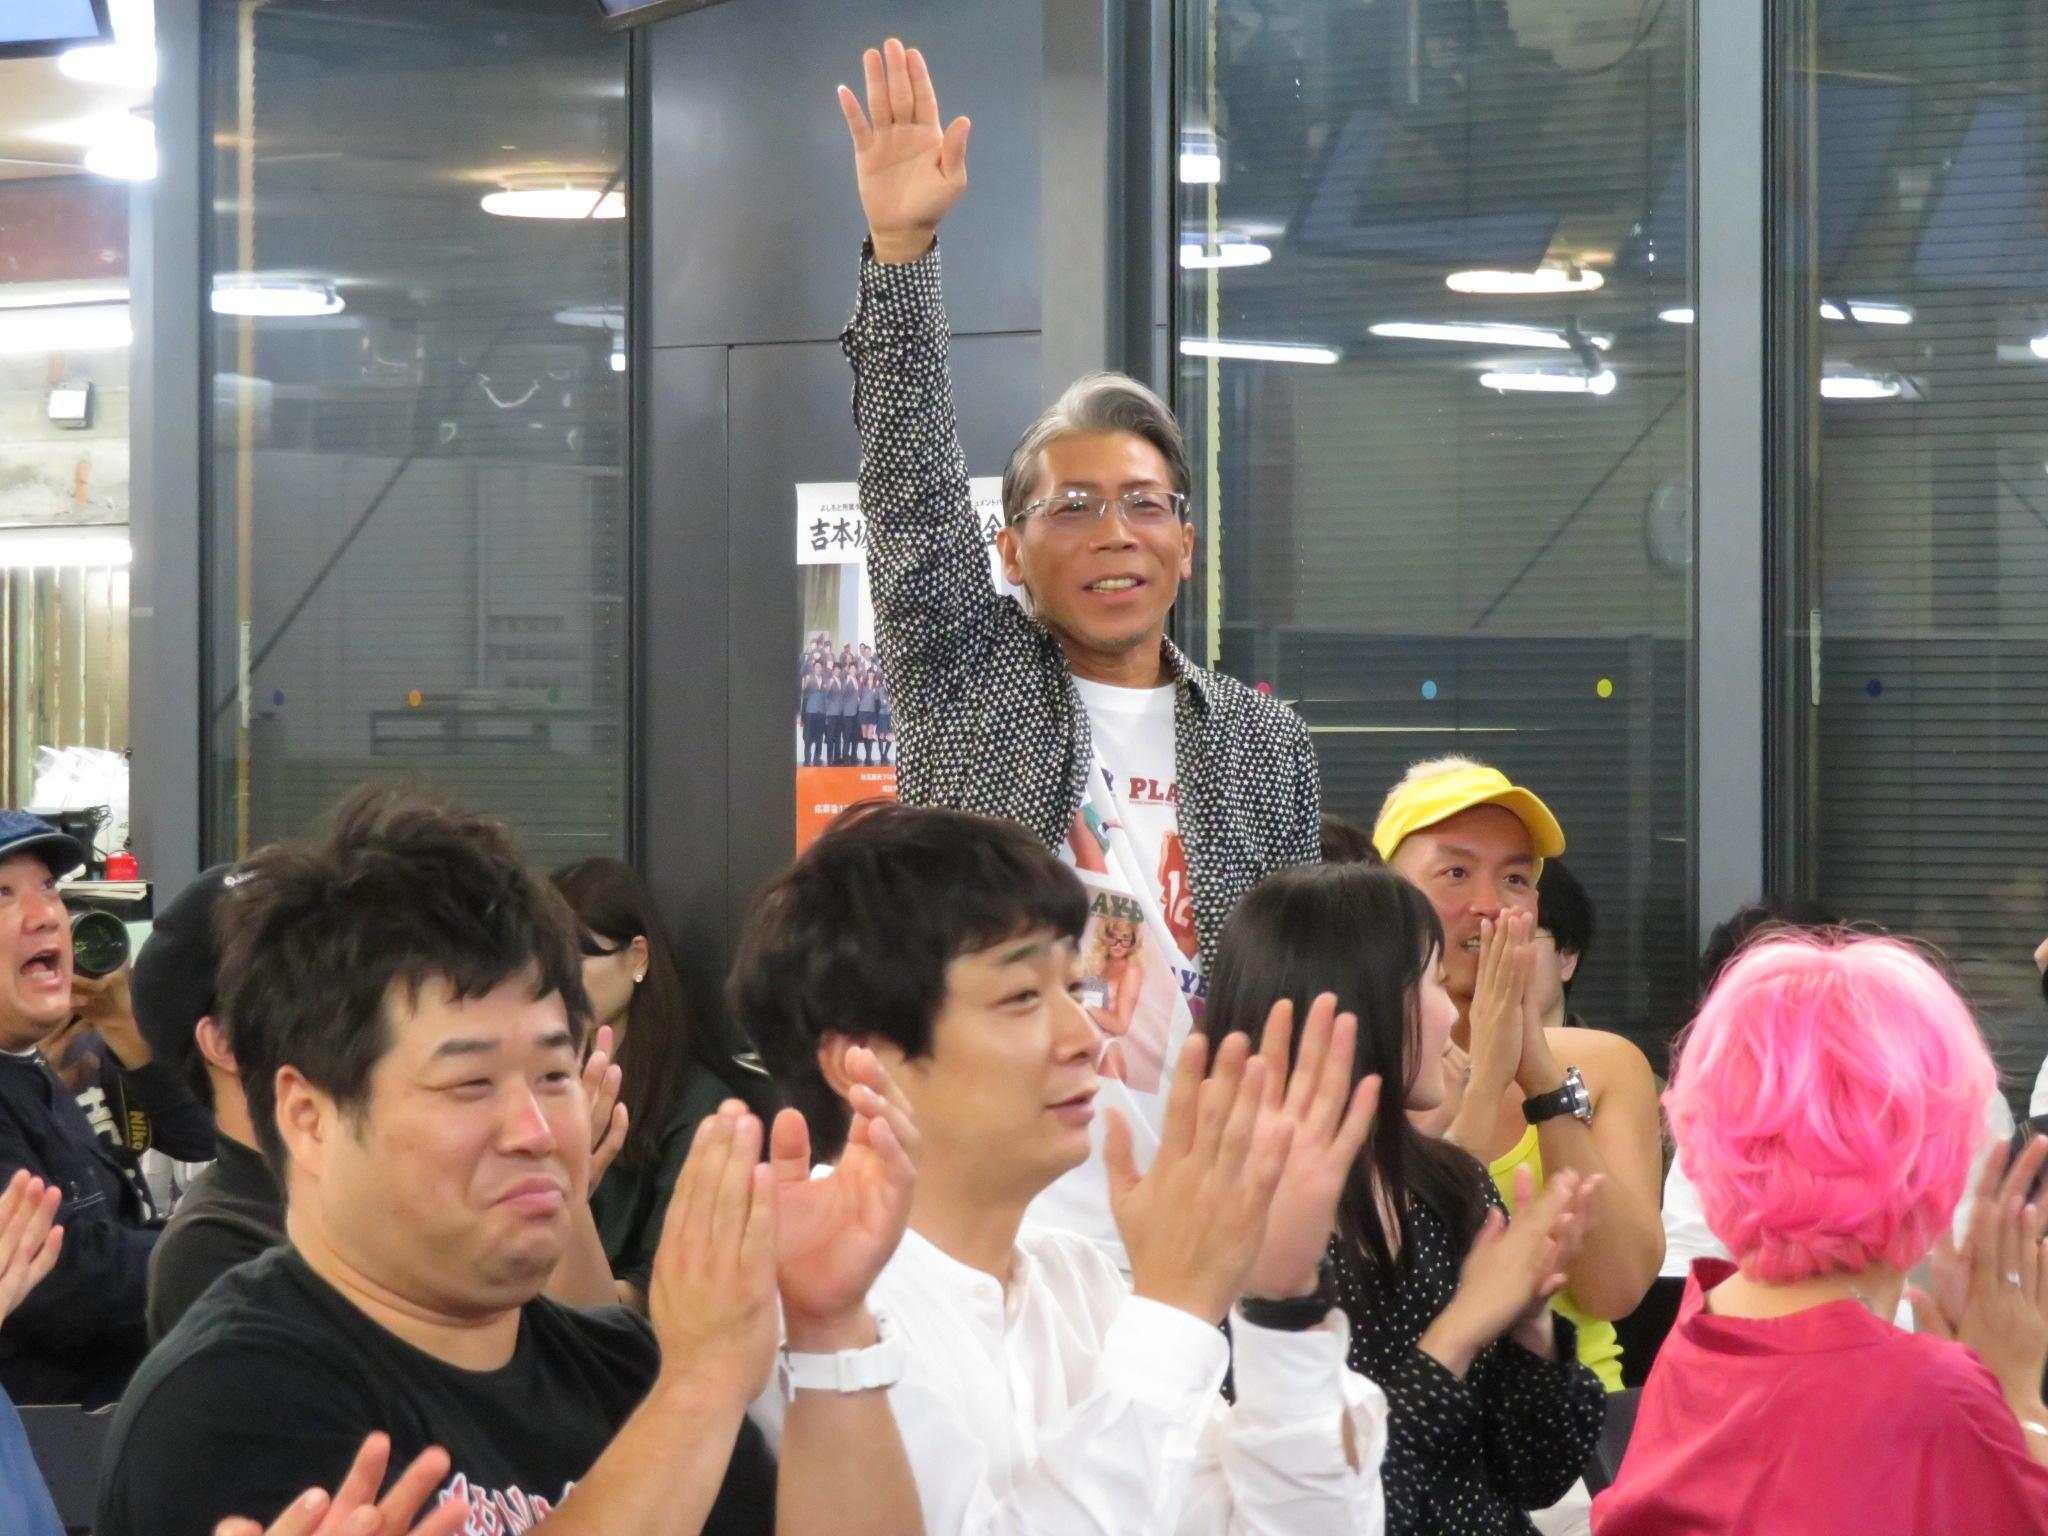 http://news.yoshimoto.co.jp/20181010090046-2d20f7fa57b1a51806d9e86d5075fd4853b5d2fa.jpg